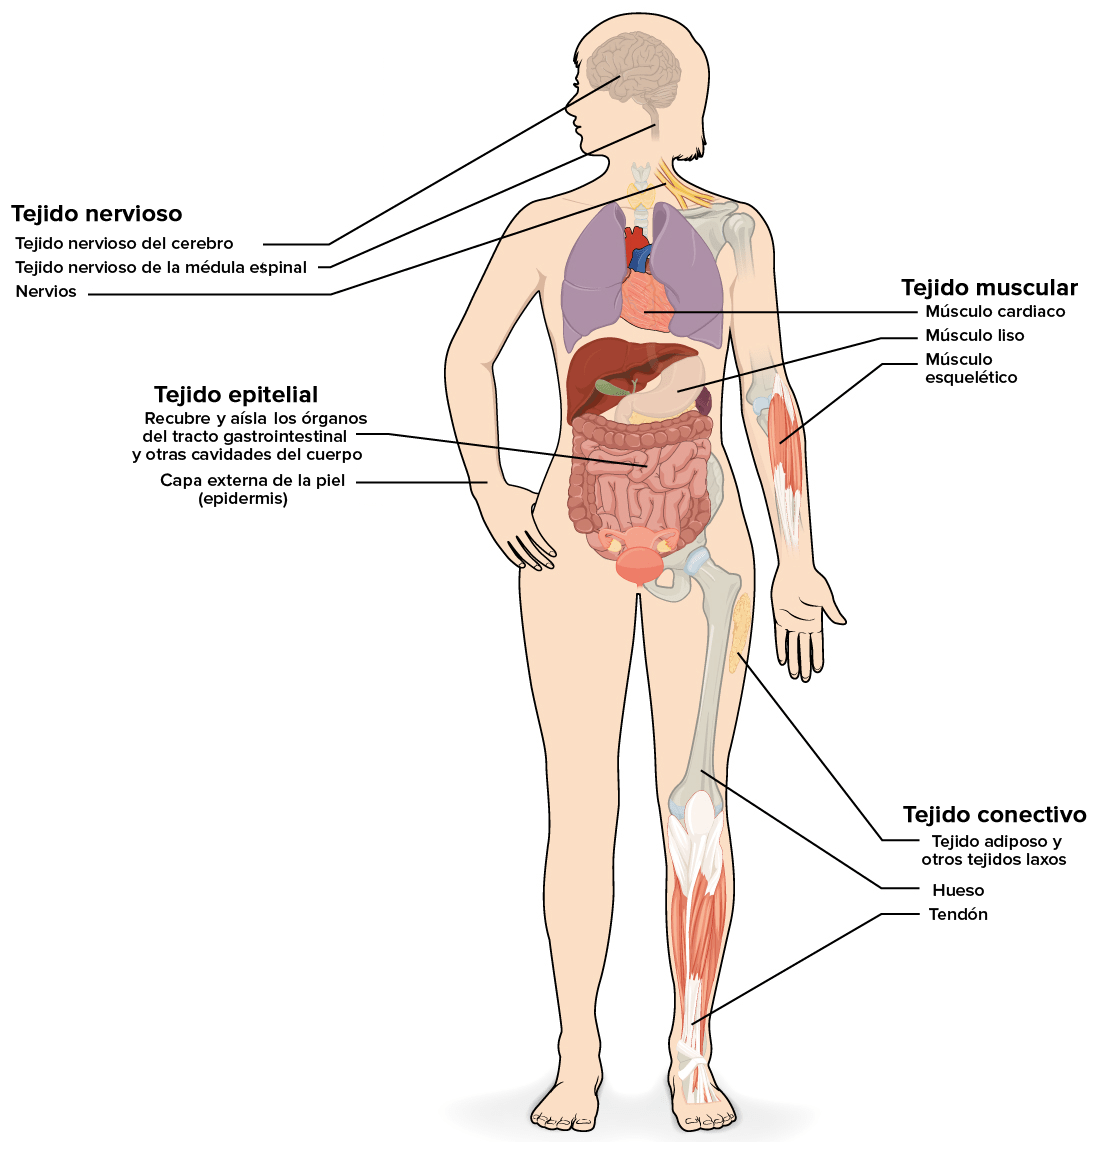 Musculos Del Cuerpo Humano Dibujo Perfect Mdulo Sistema